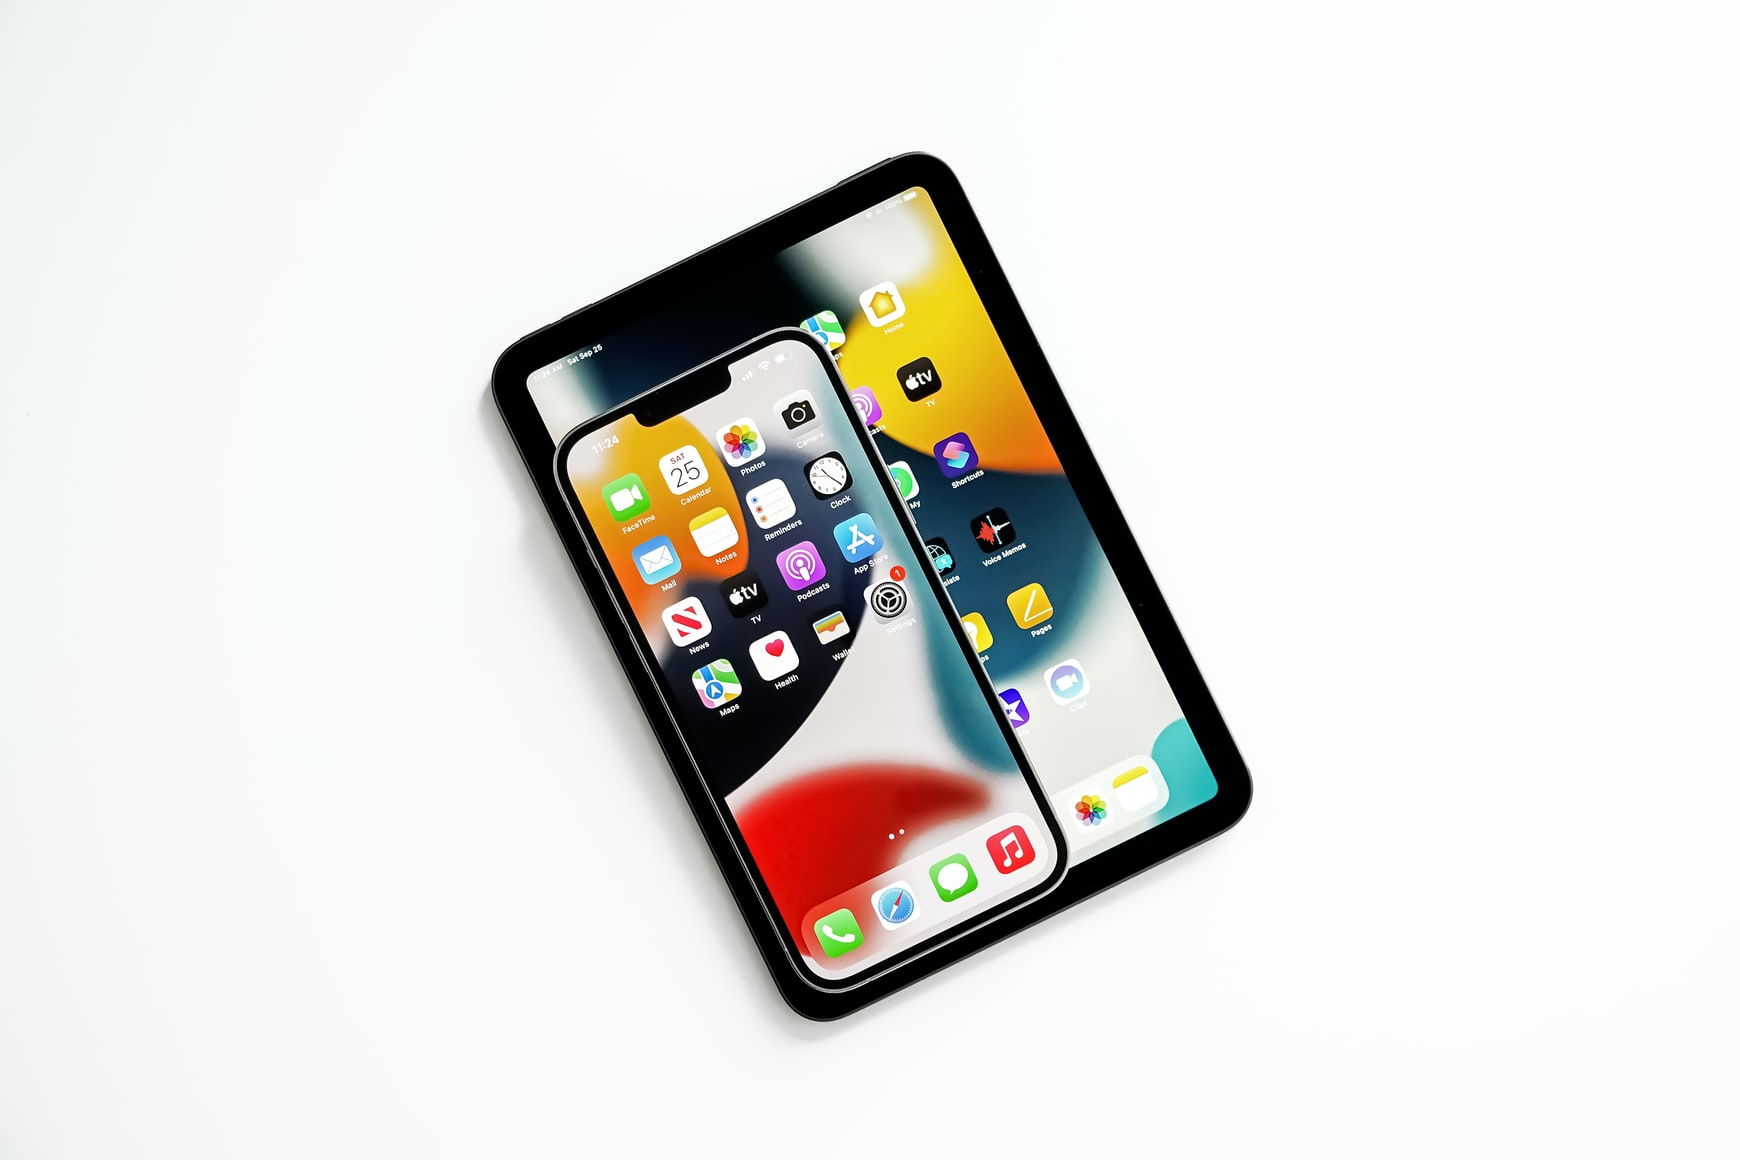 ТОП-3 флагманских смартфонов 2021 года